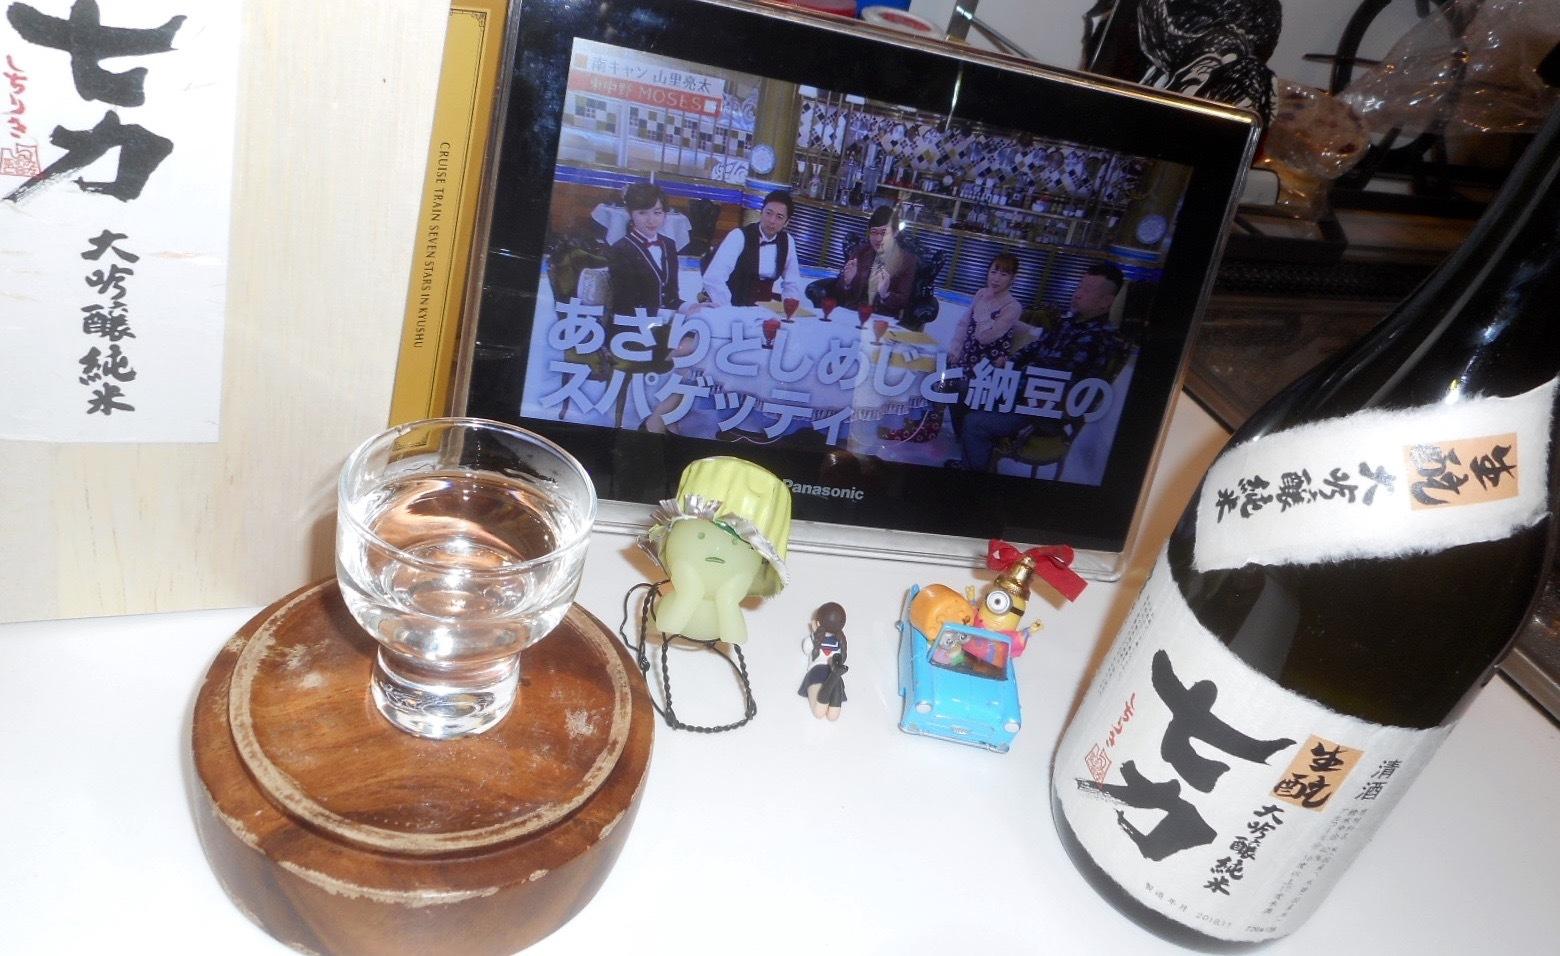 sichiriki_kimoto_jundai29by3.jpg